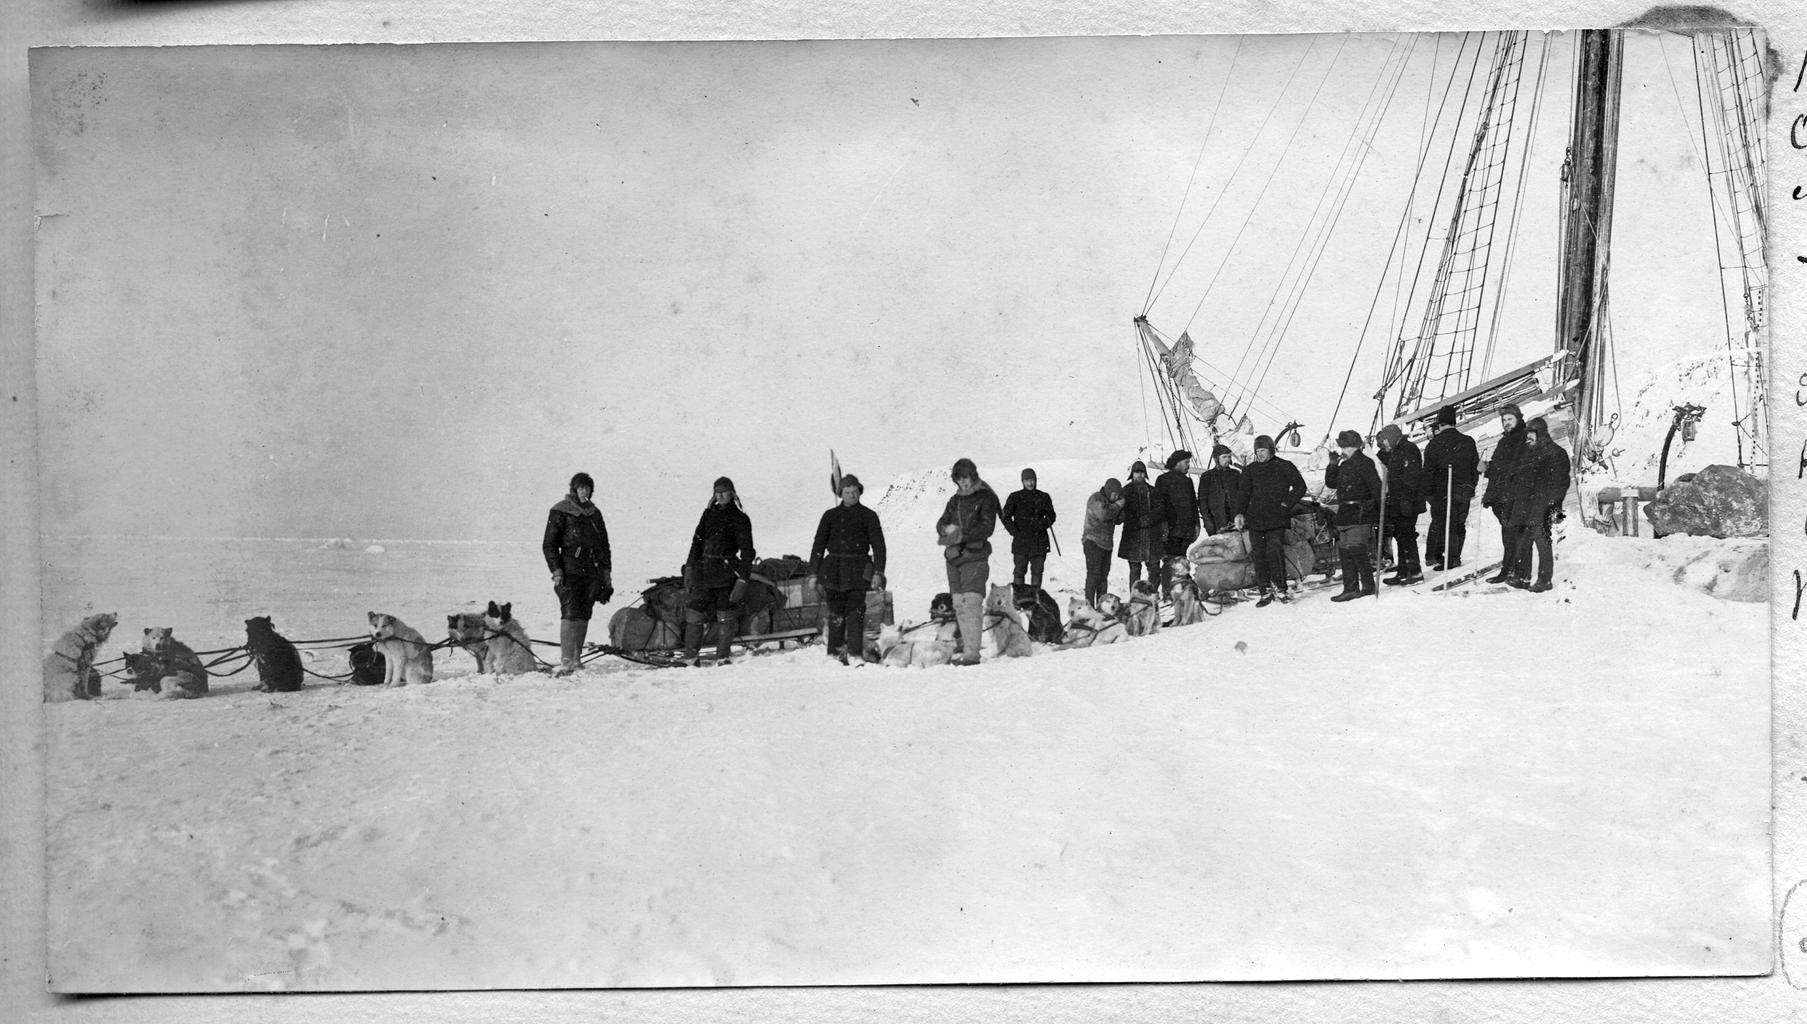 Отбытие в санную экспедицию во время зимовки